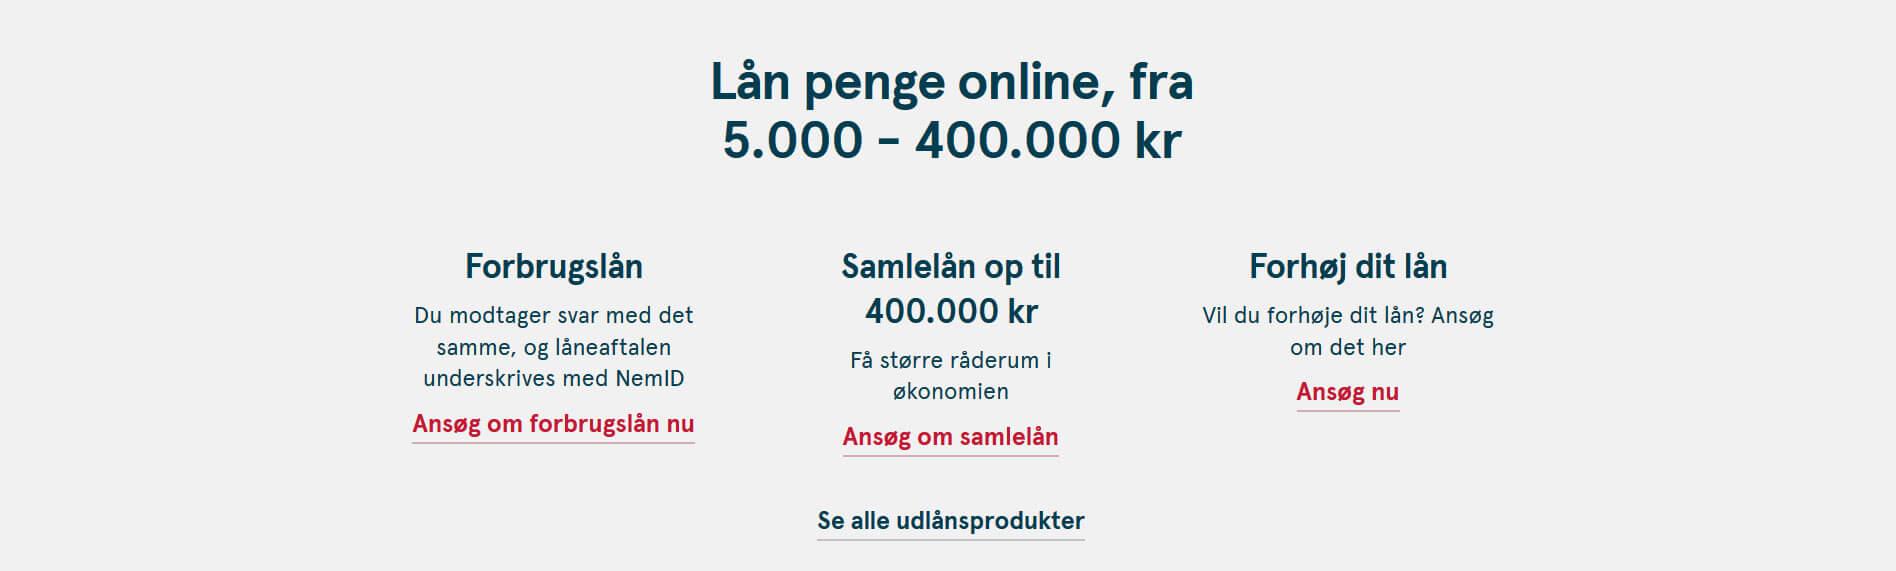 lån penge hos bank norwegian